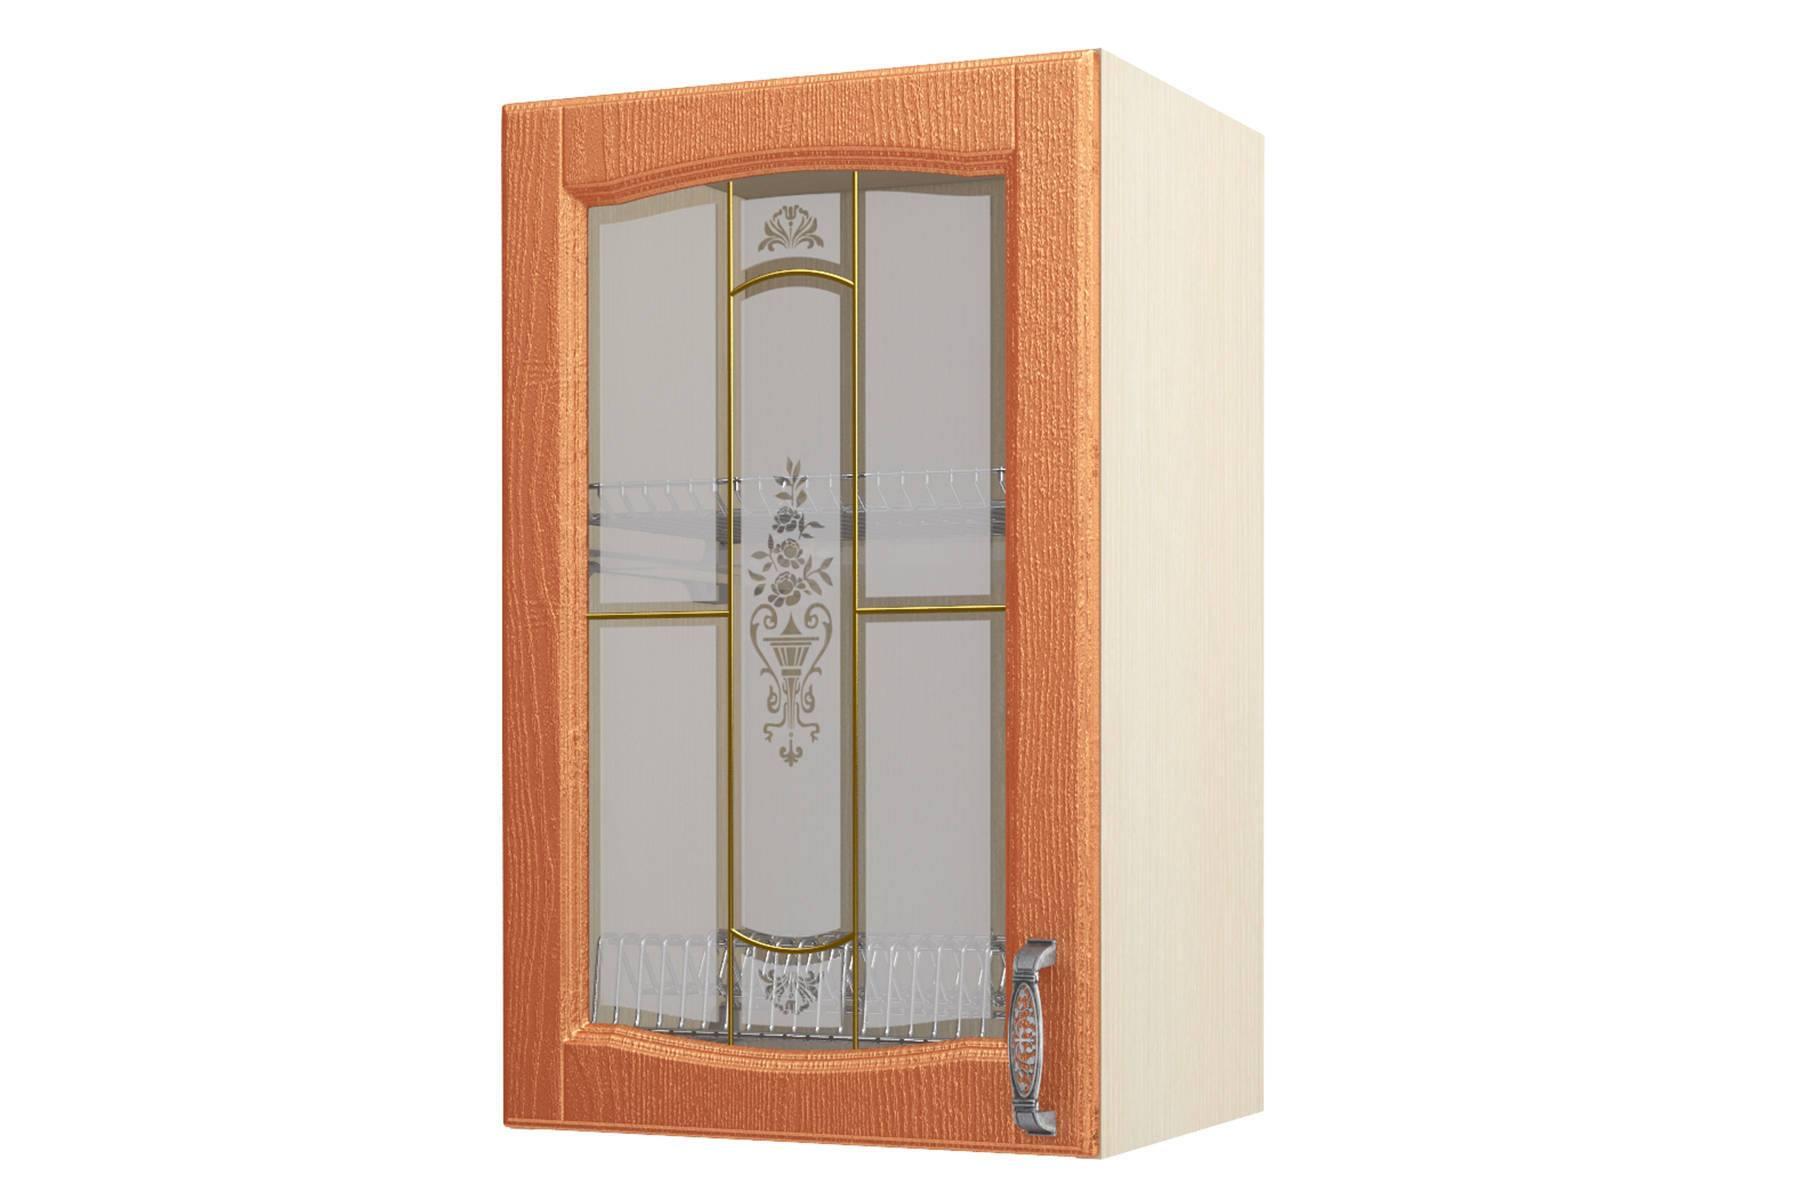 Равенна ART Шкаф-сушка-витрина 45, 1 дверь шкаф изотта 23к дверь правая ангстрем